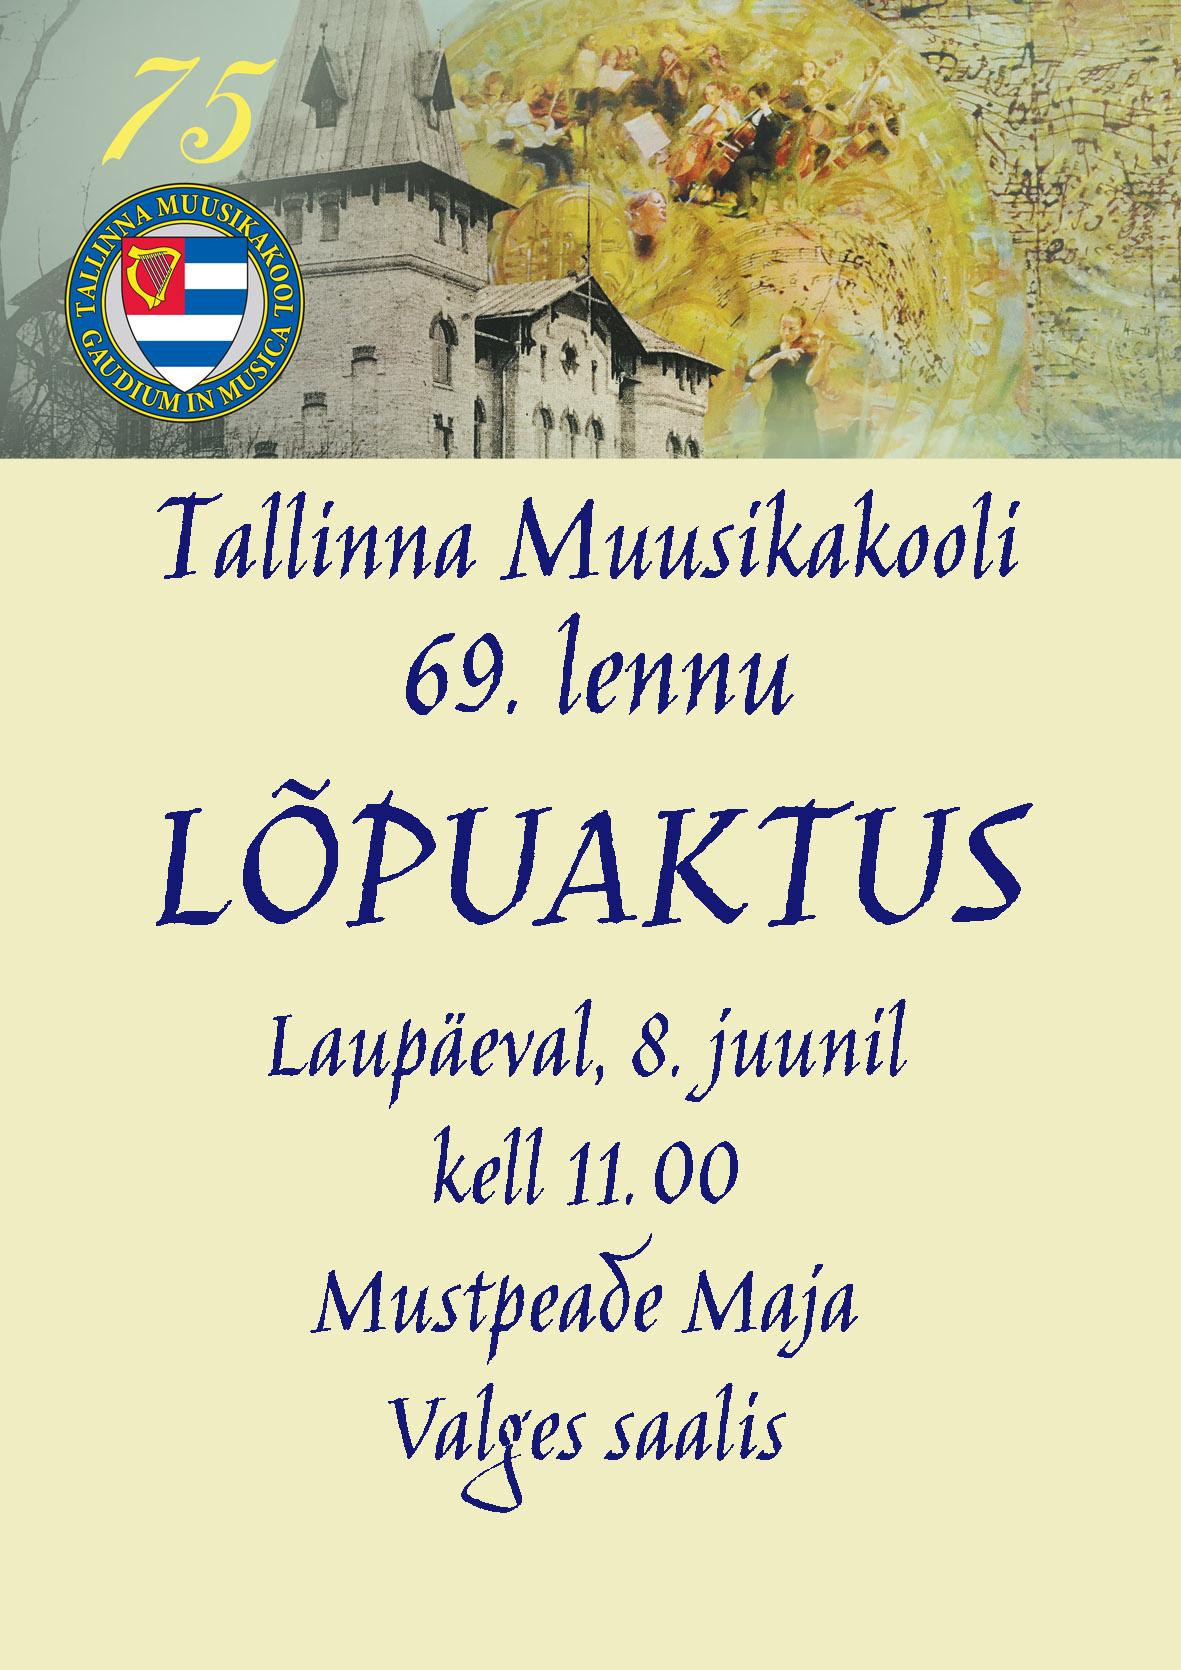 Tallinna Muusikakooli 69. lennu kontsert-aktus